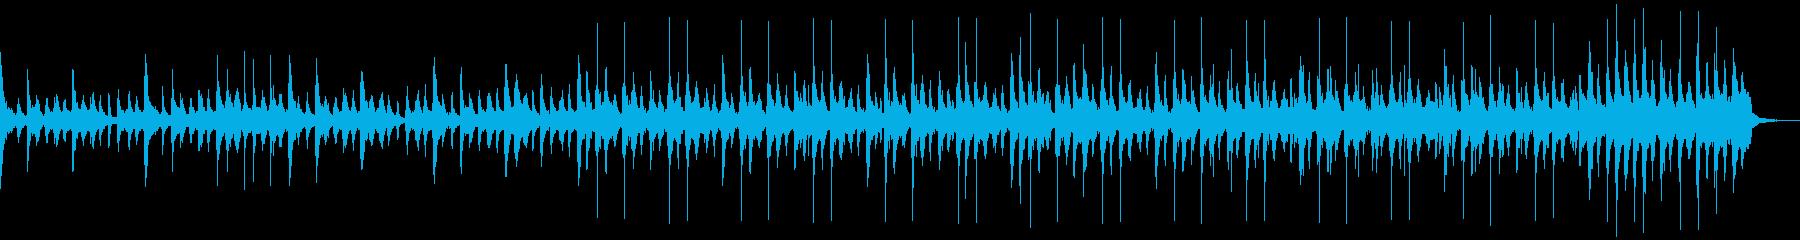 スナップラテンパーカッショングルーブの再生済みの波形